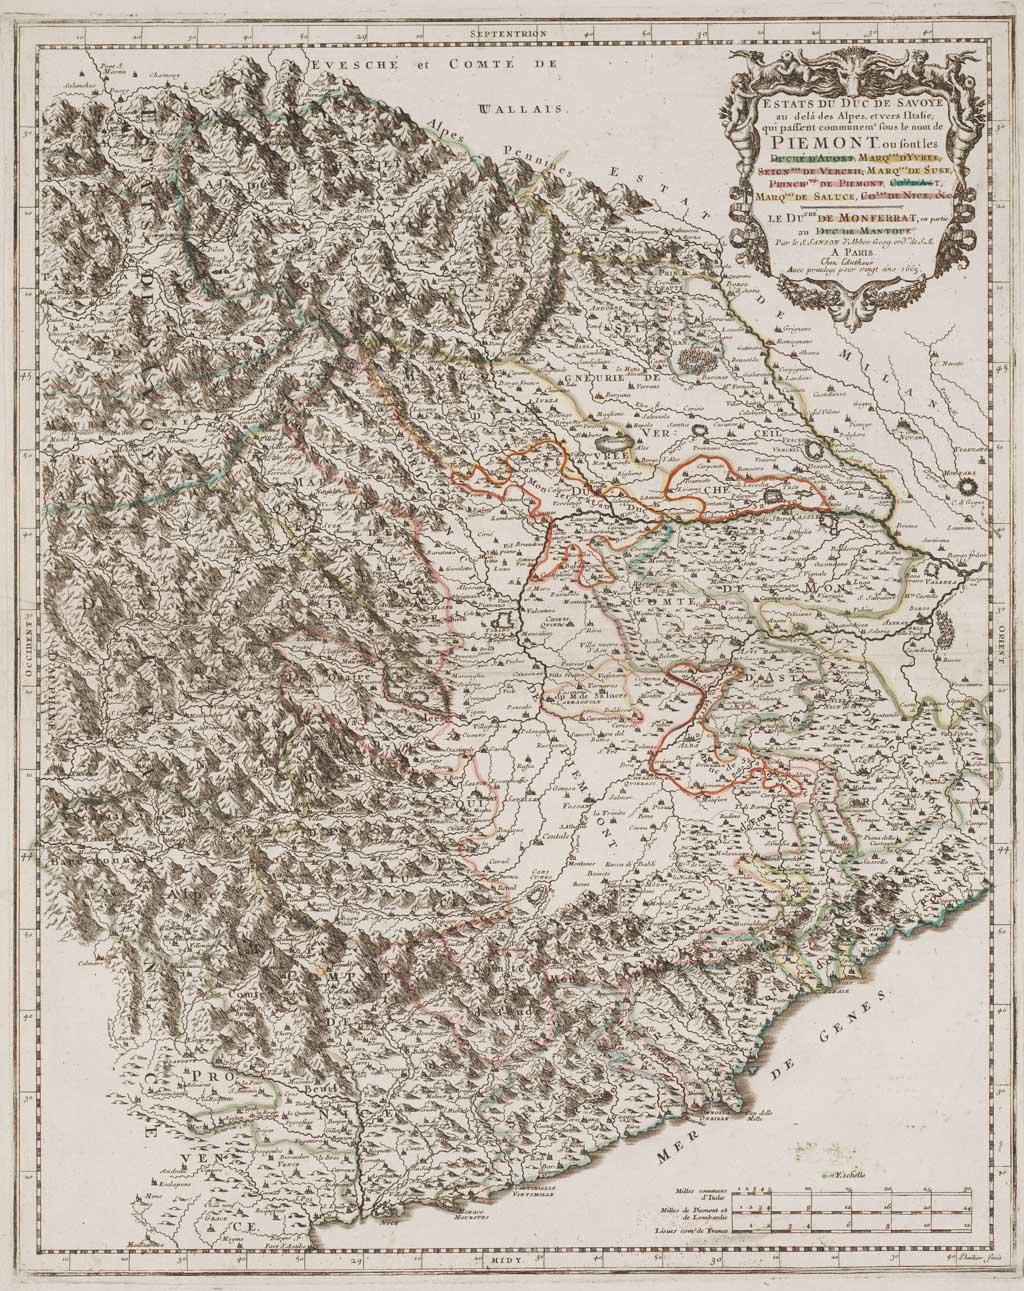 Estats du duc de Savoye au delà des Alpes, et vers l'Italie; qui passent communem.t sous le nom de Piemont. ou sont les duché d'Auost, marq.sat d'Yvree, seign.rie de Verceil, marq.sat de Suse, princip.té de Piemont, co.te d'Ast, marq.sat de Saluce, co.tat de Nice &c